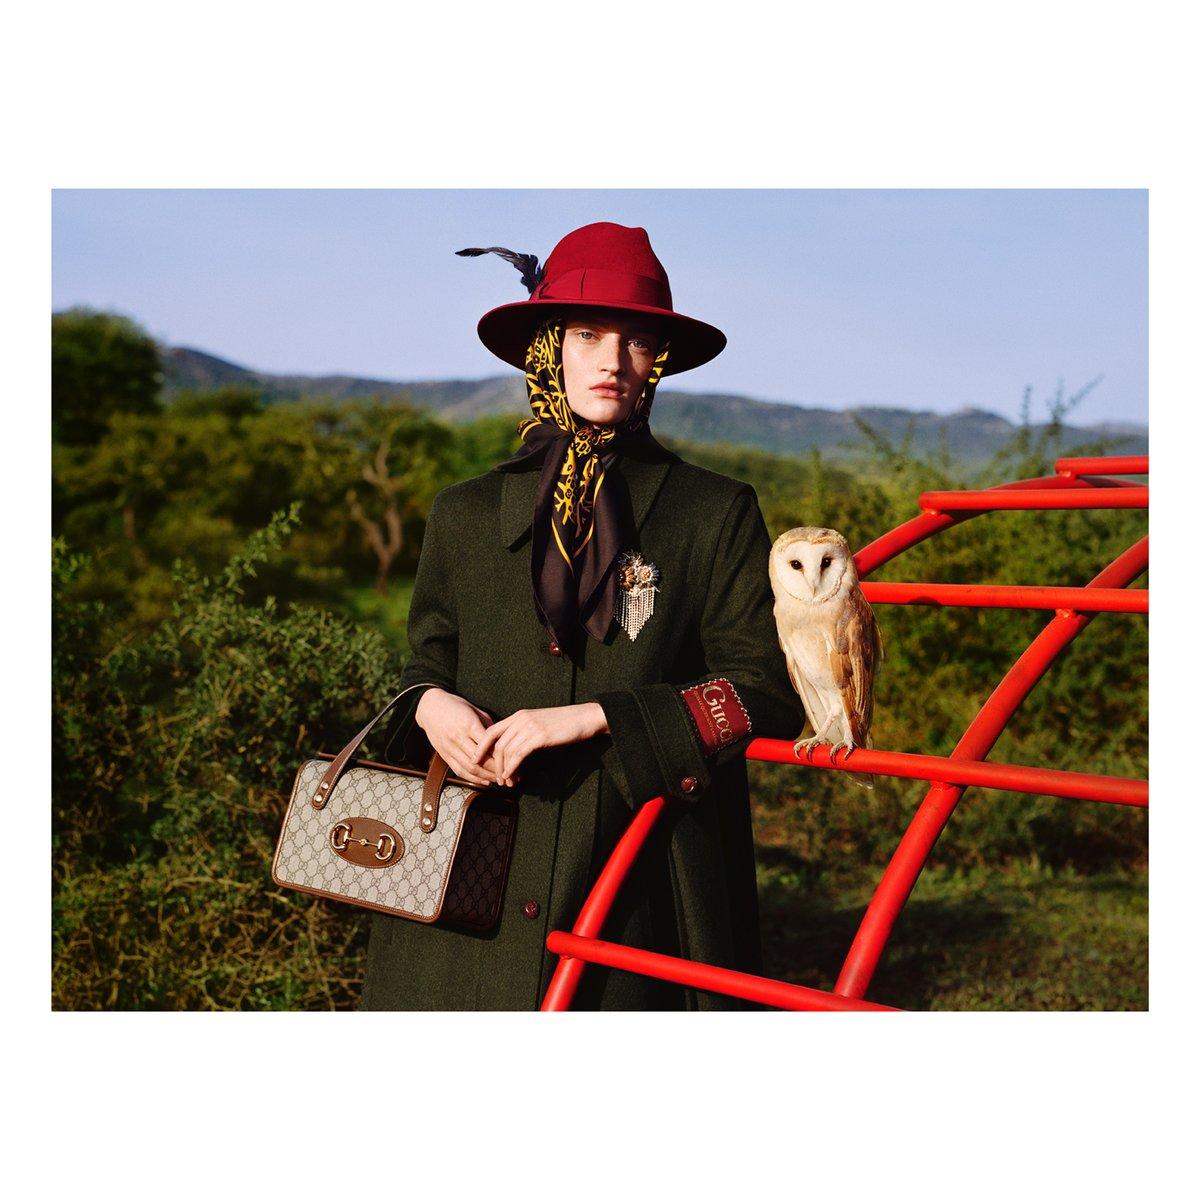 #AlessandroMichele による #GucciPreFall20 コレクションの広告キャンペーン #SoDeerToMe には、美しい自然の風景や、動物、子どもの頃に遊んだ遊具が登場します。 詳しくは https://t.co/S3XDXG1ri7 https://t.co/VGlCBS7AHJ